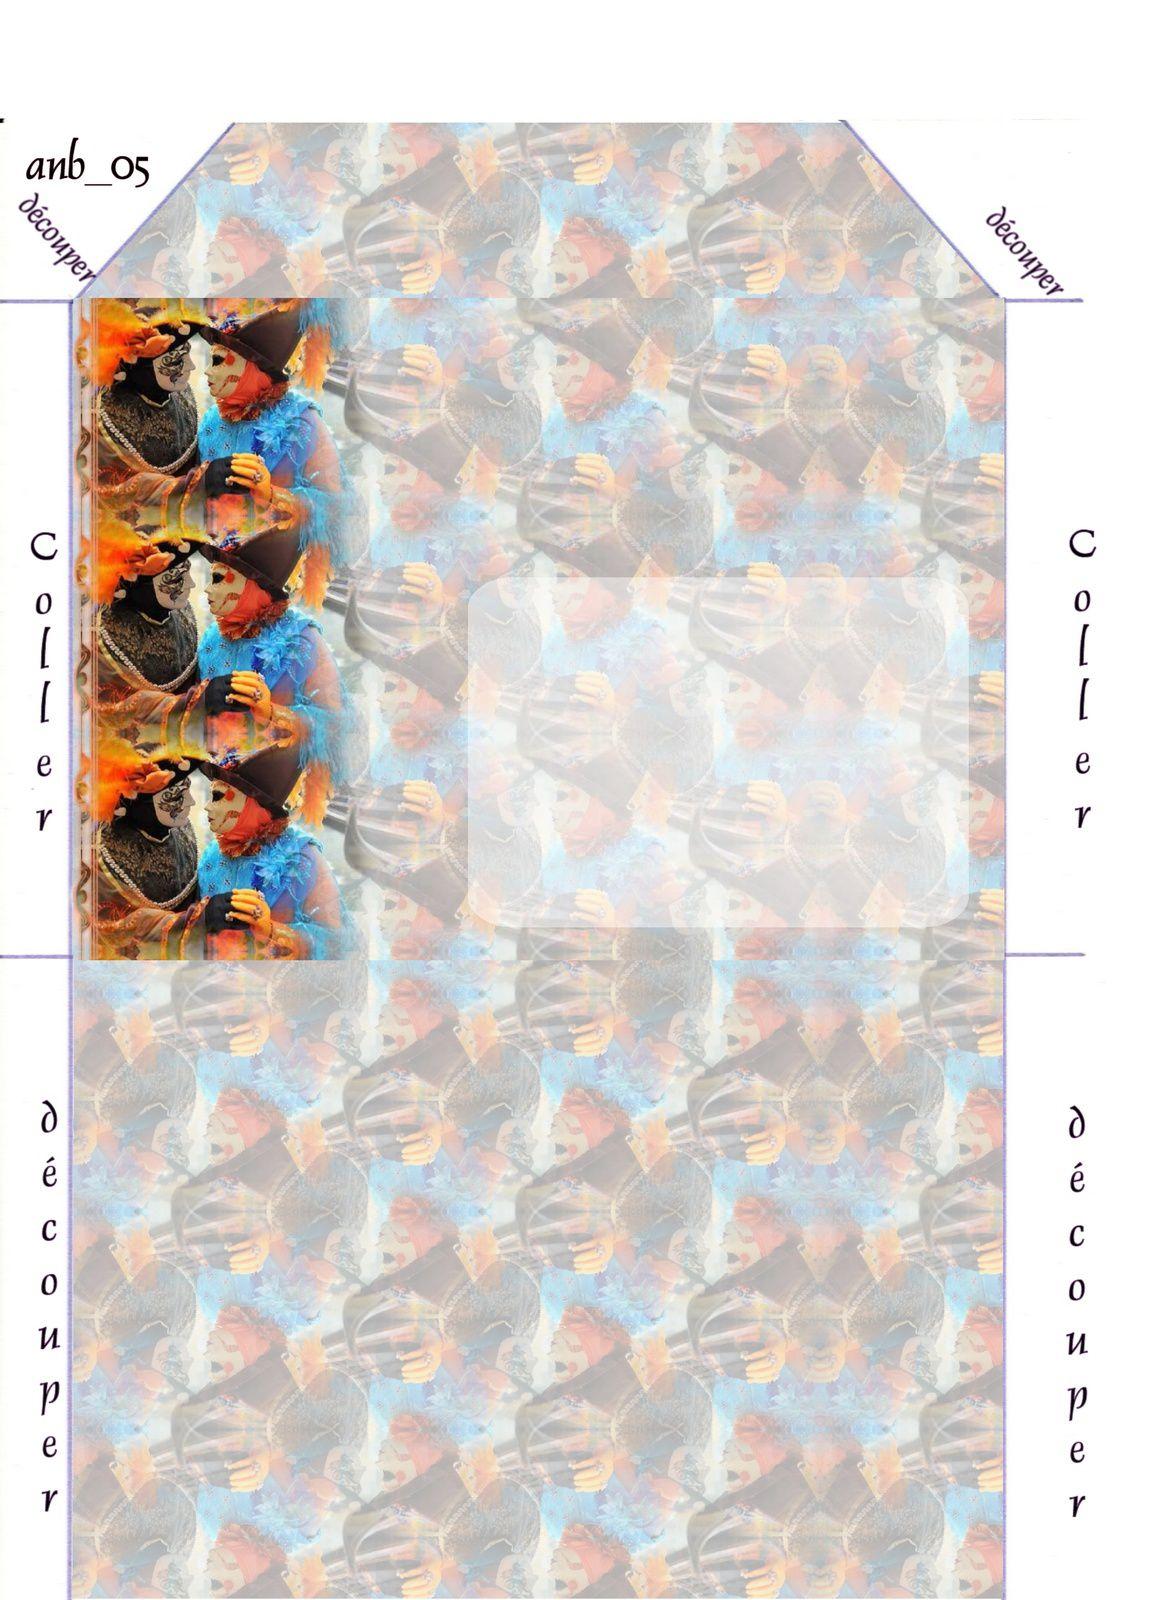 Carnaval de Venise Incredimail &amp&#x3B; Papier A4 h l &amp&#x3B; outlook &amp&#x3B; enveloppe &amp&#x3B; 2 cartes A5 &amp&#x3B; signets 3 langues   pers_venise_carnaval2009_10